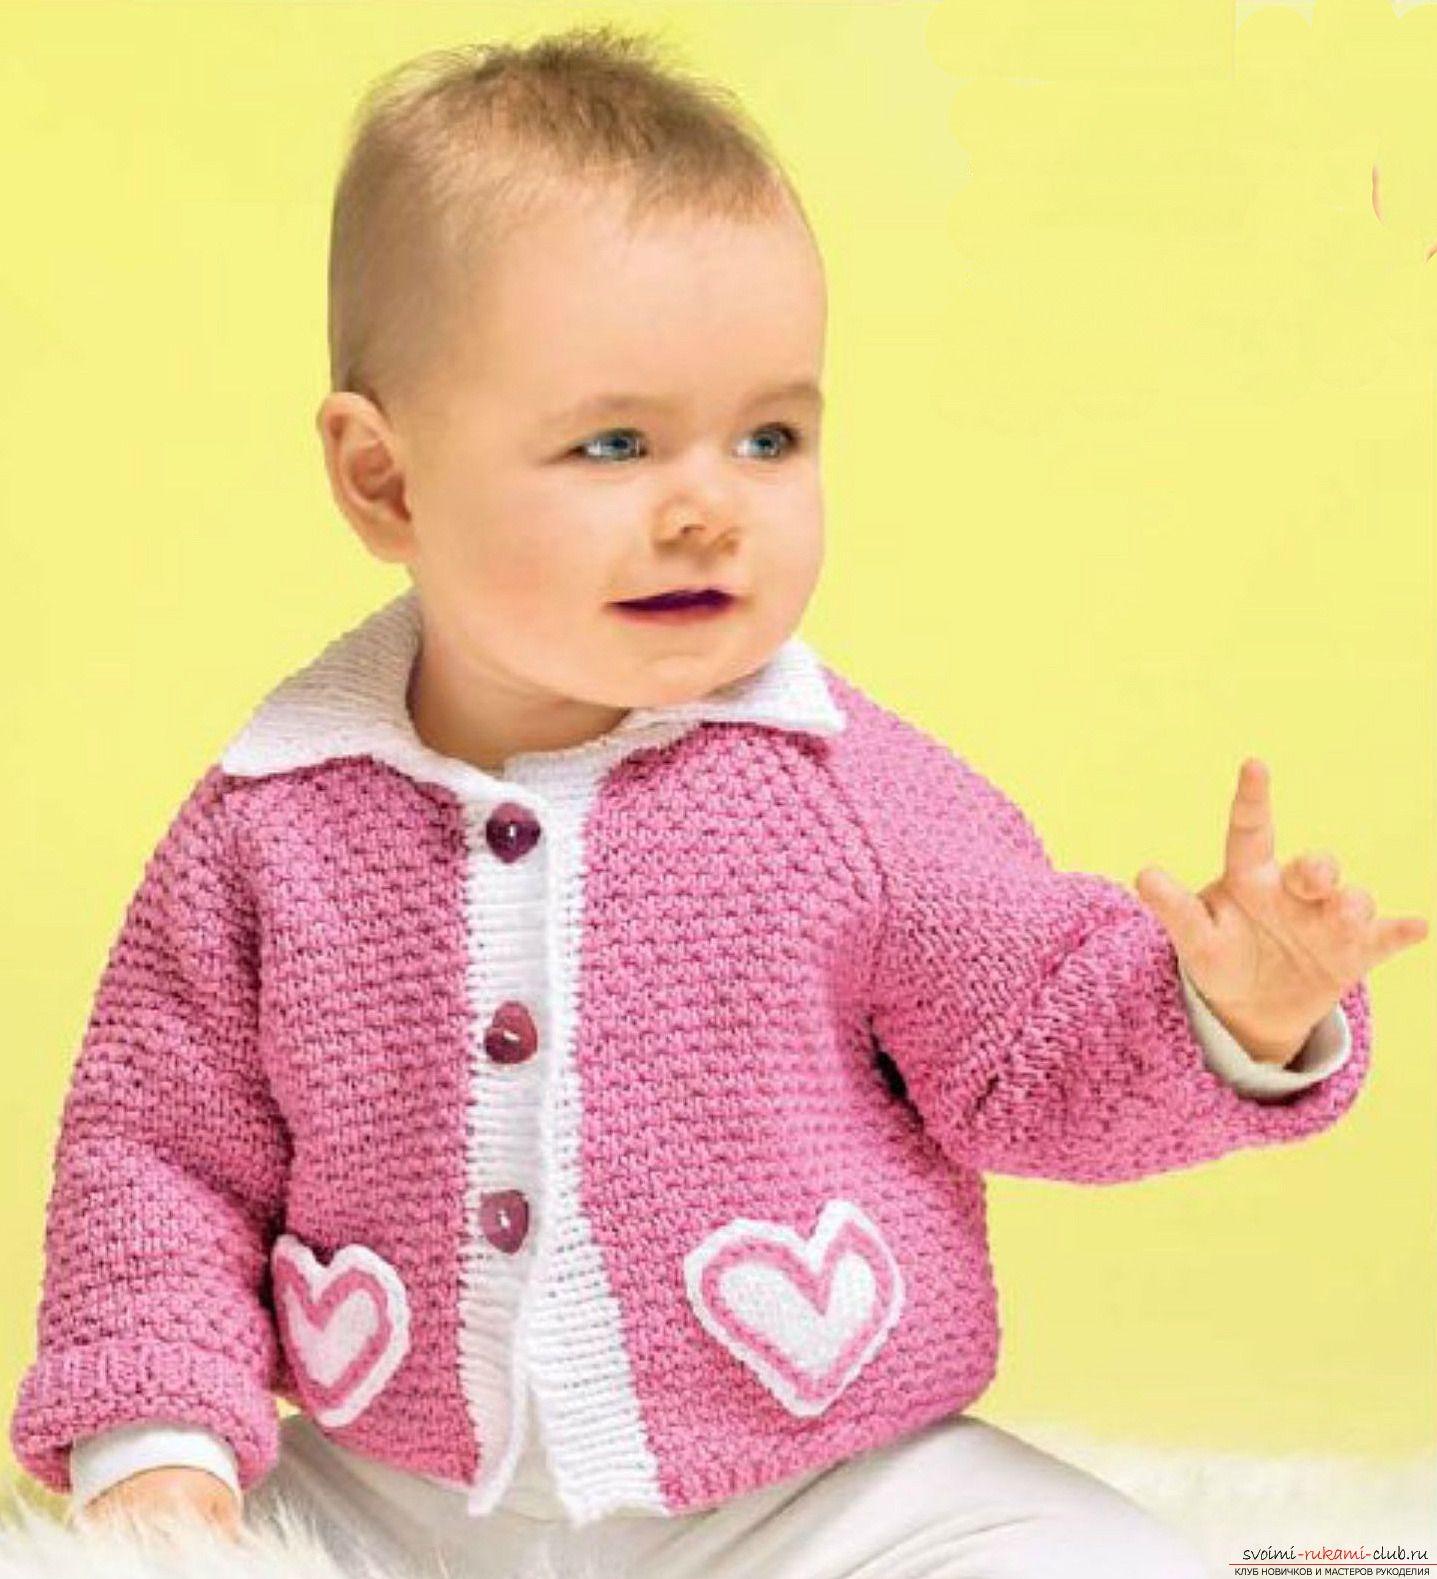 Вязание спицами кофточки для мальчика на 6 месяцев